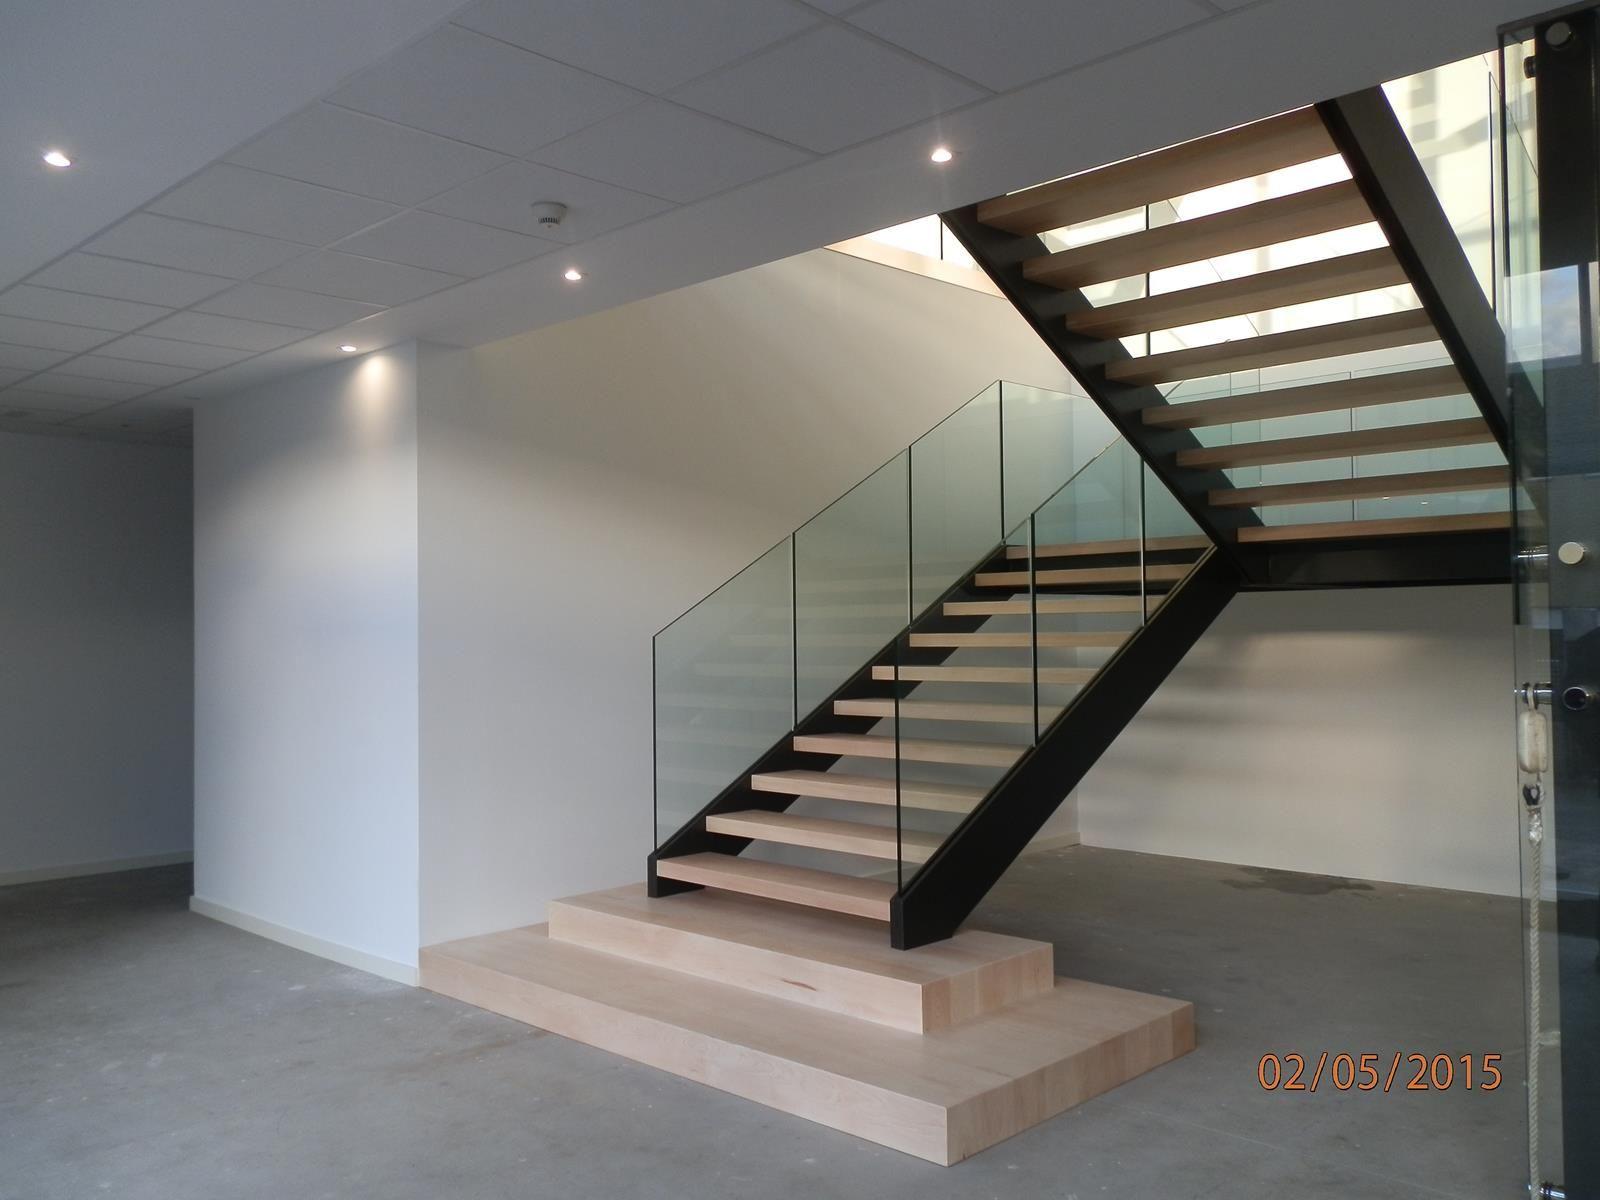 Resultado de imagen para escaleras metalicas escaleras for Escaleras metalicas planos